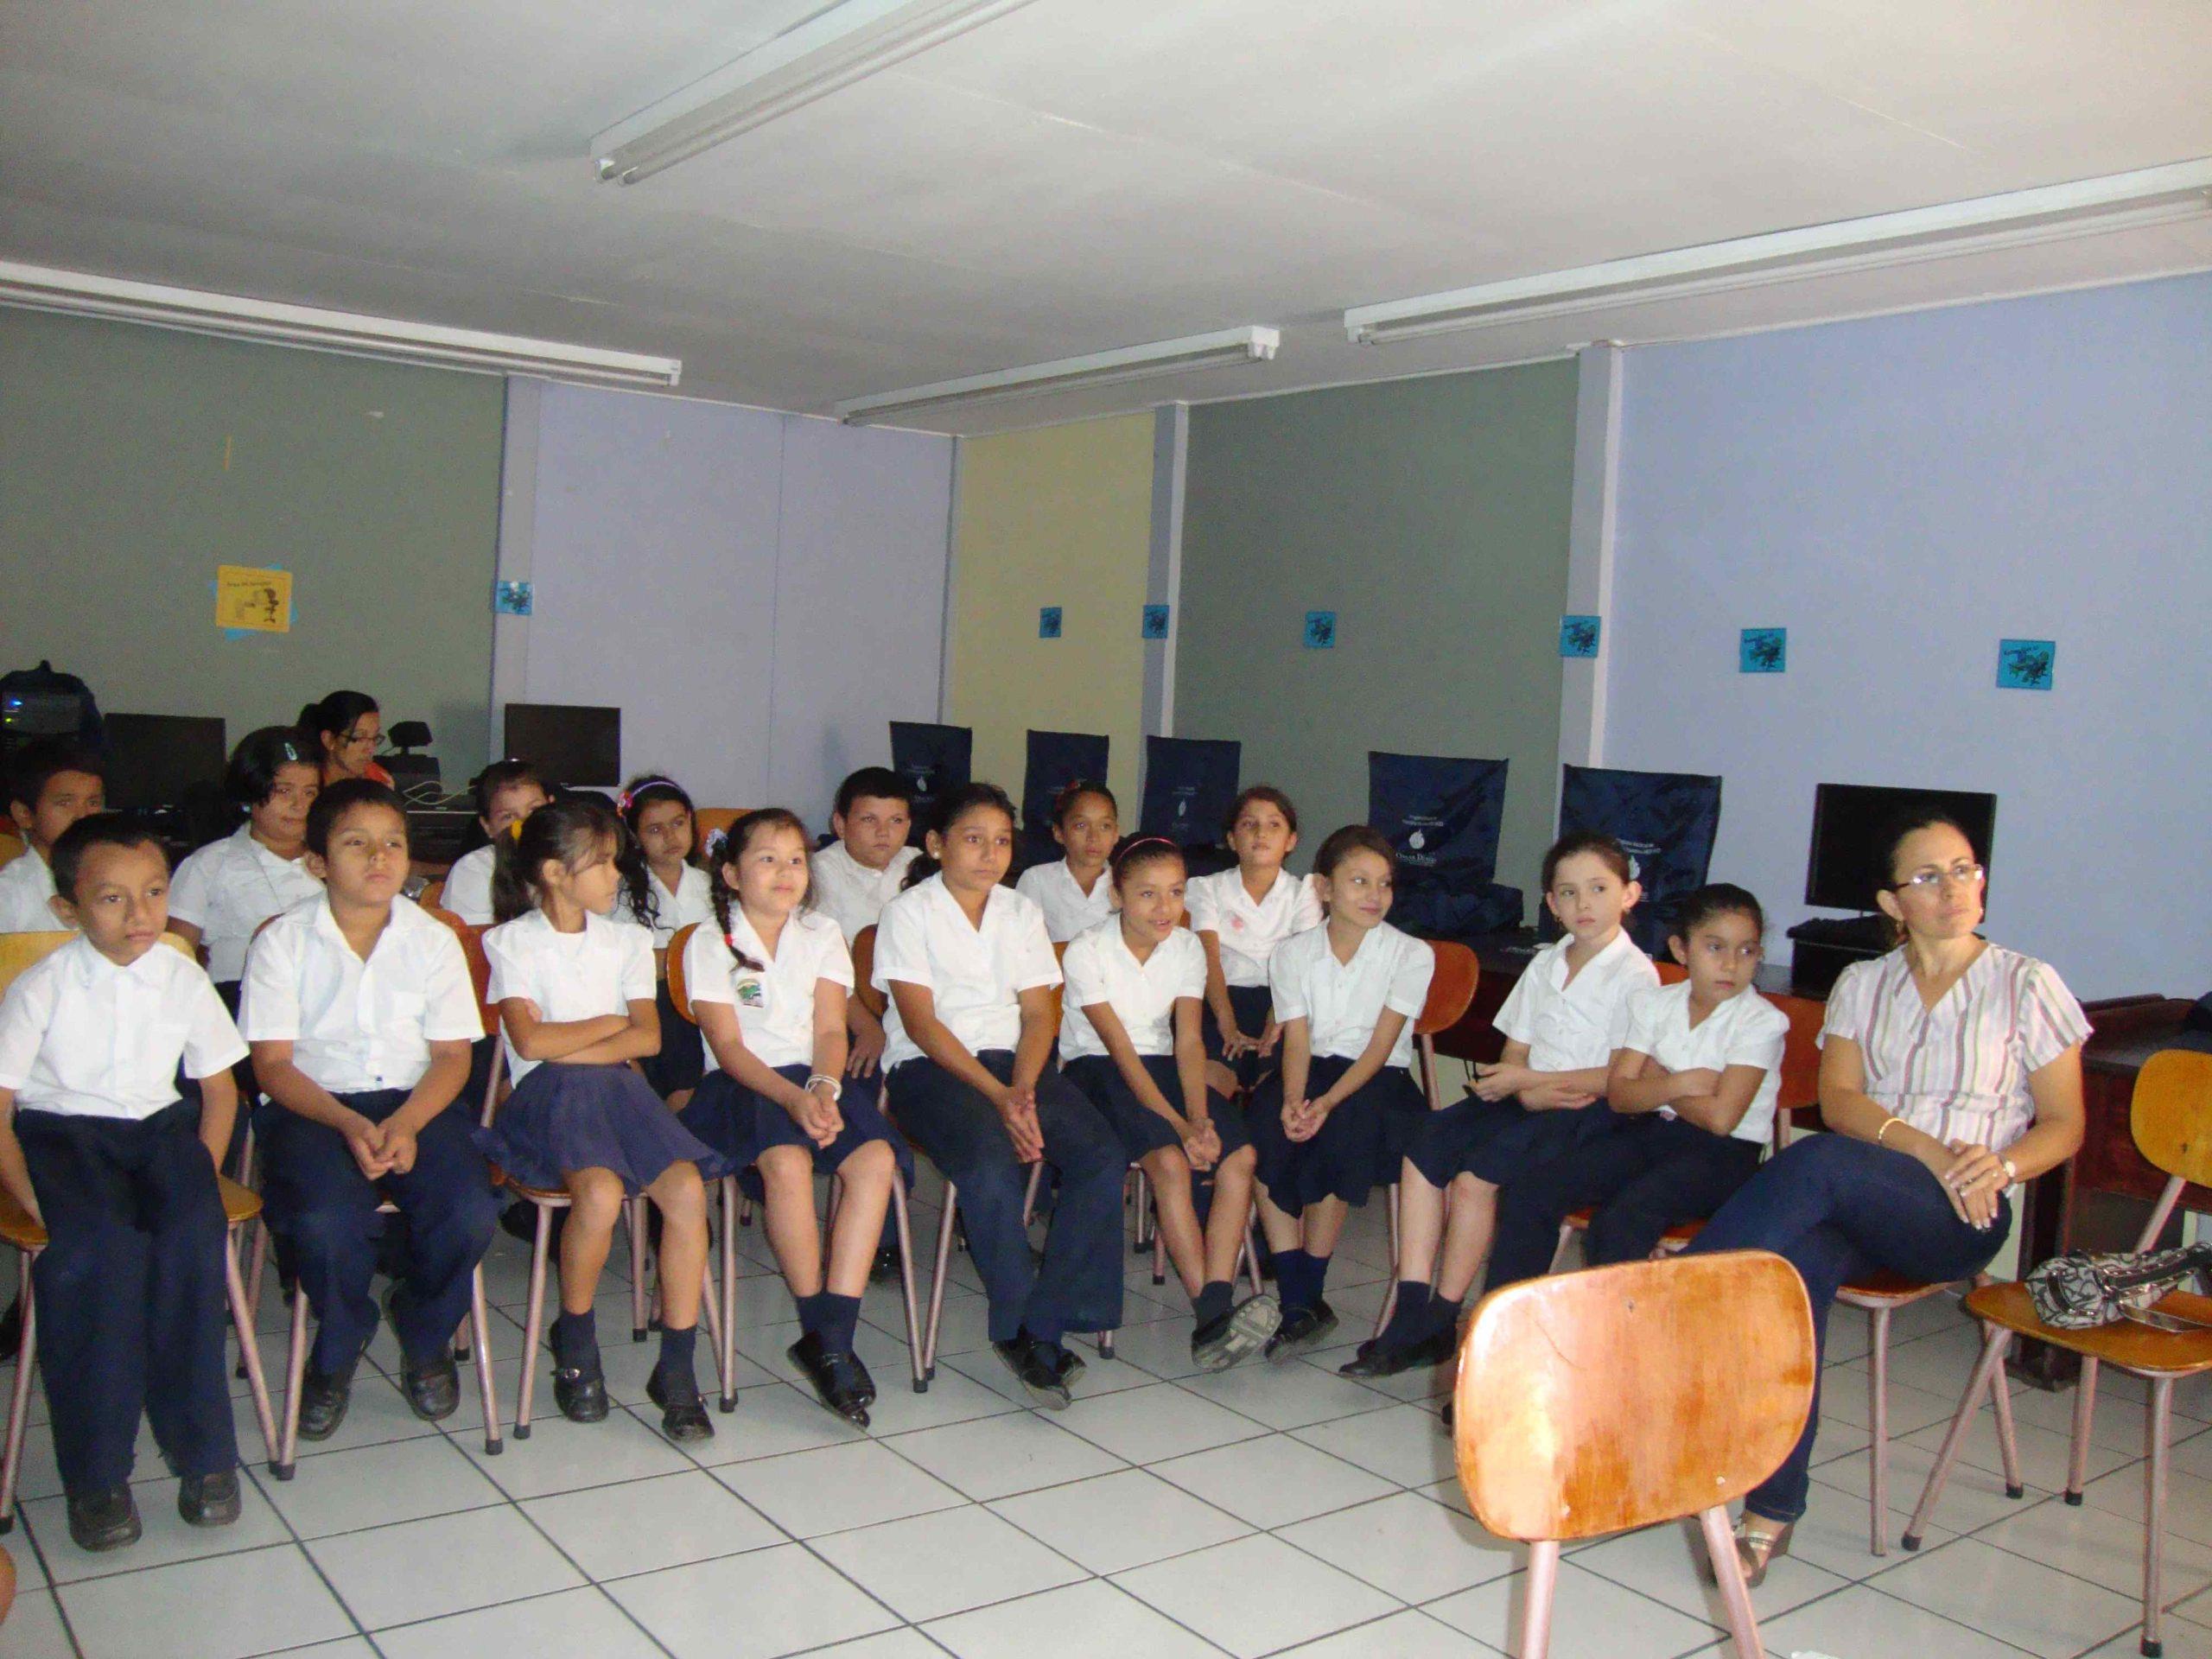 Estudiantes Escuela Toro Amarillo, Guápiles, Pococí, Limón.